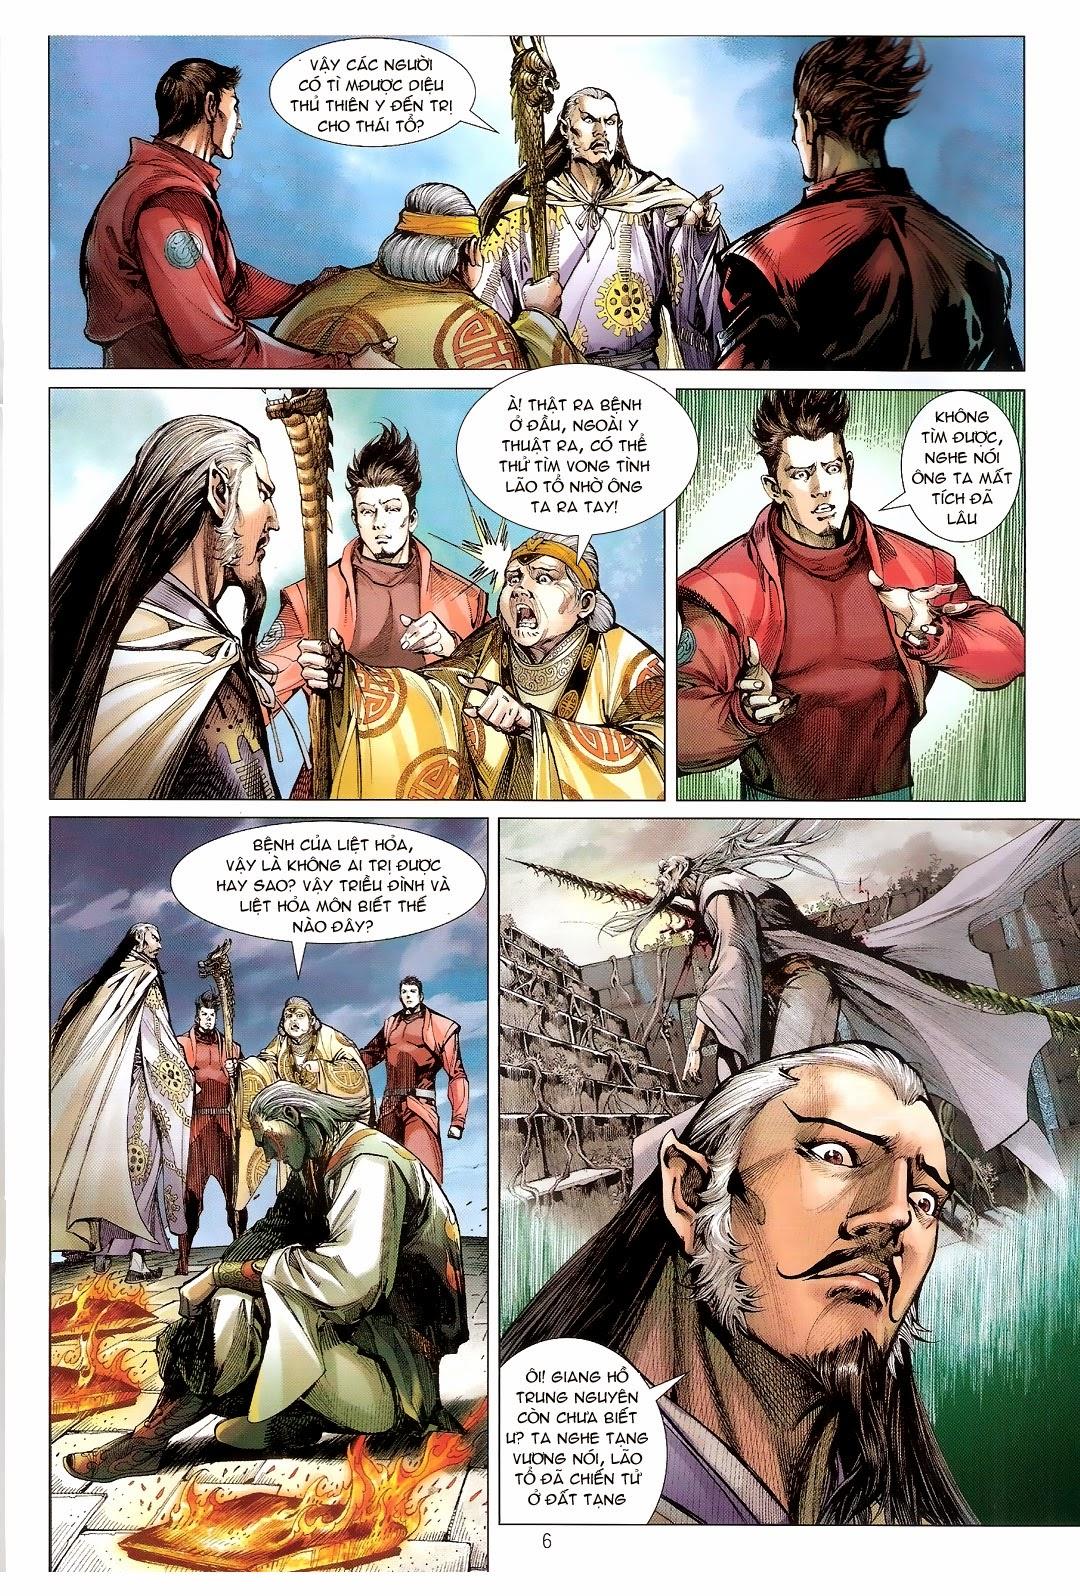 tuoithodudoi.com Thiết Tướng Tung Hoành Chapter 108 - 5.jpg